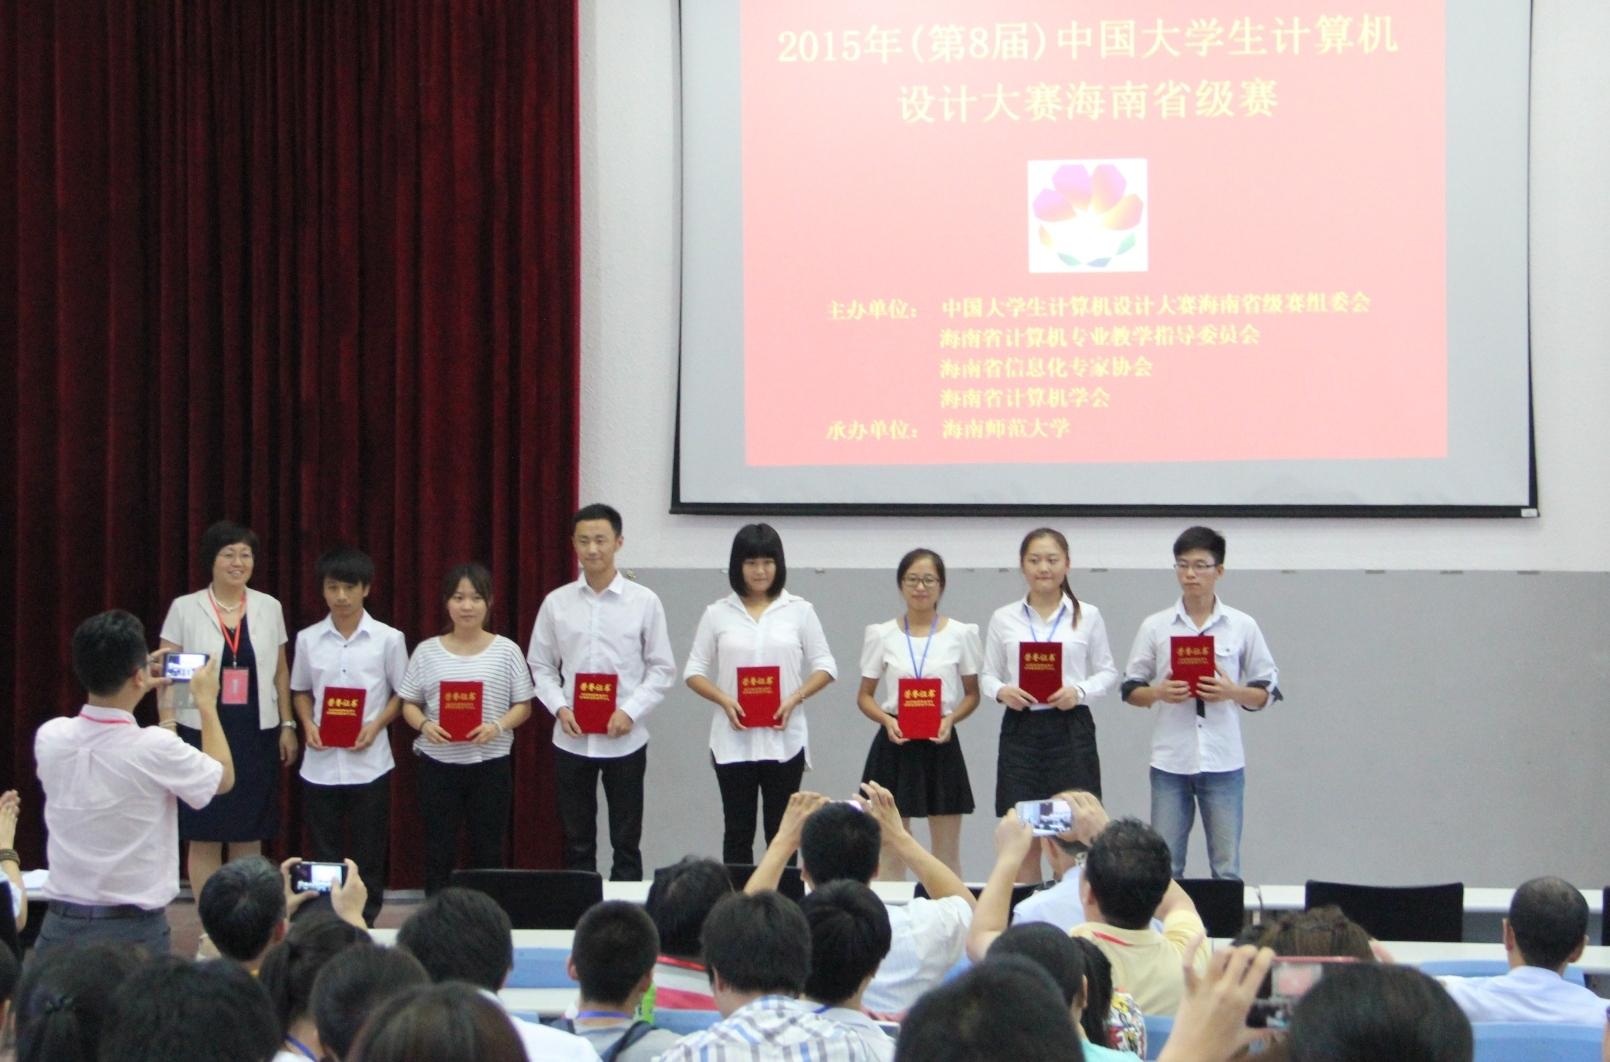 云易科技-陈万洲计算机设计大赛省赛第一名颁奖